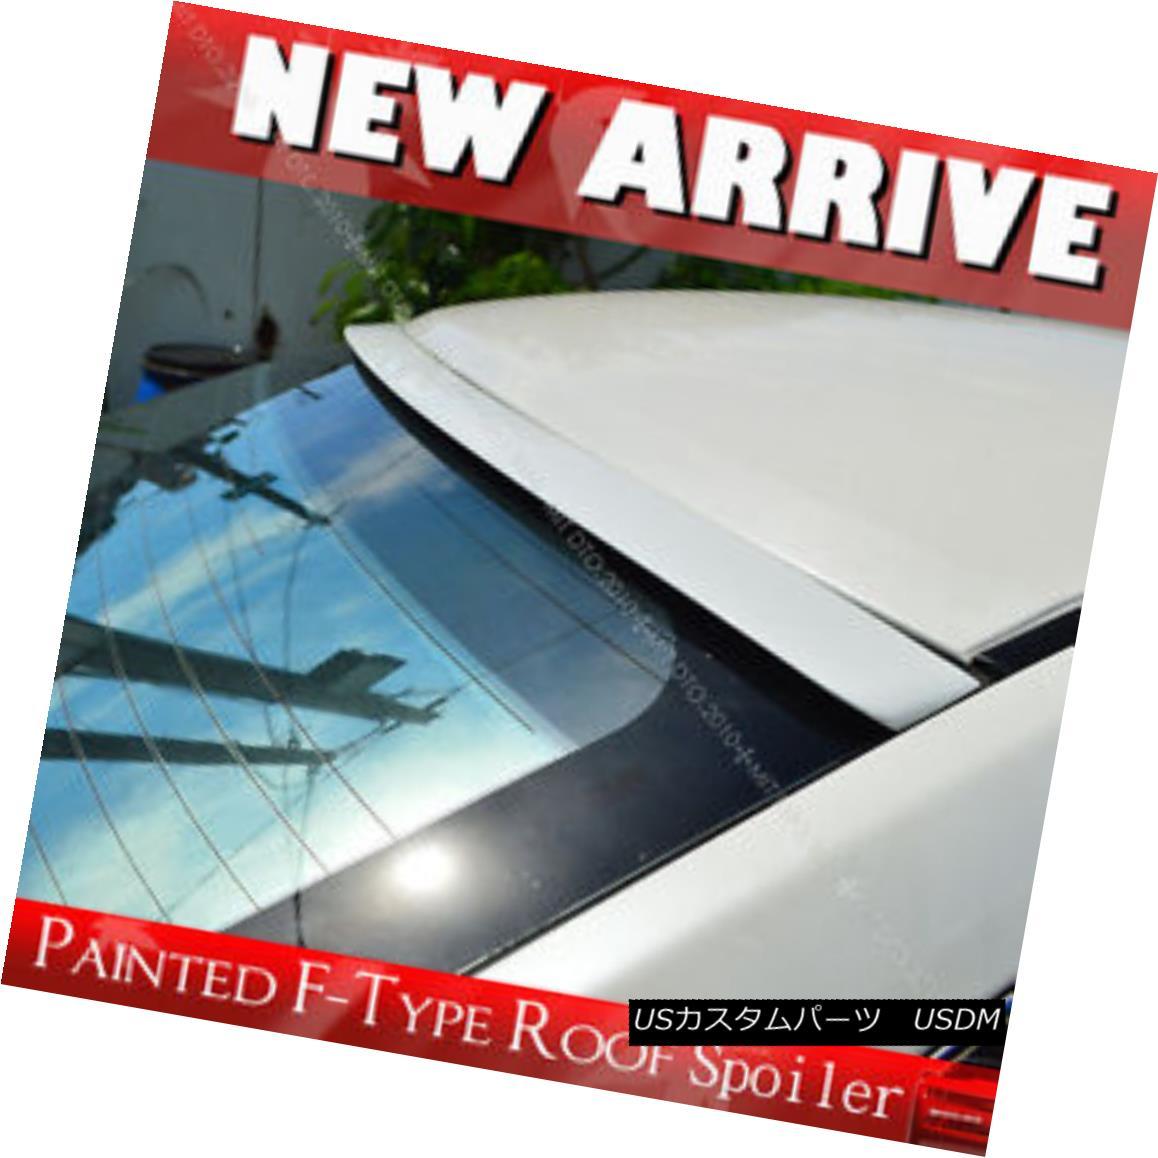 エアロパーツ Painted Window F-Style Roof Lip Spoiler Wing for NISSAN Sentra B17 Sedan 13-17 NISSAN Sentra B17セダン13-17用塗装窓Fスタイルルーフリップスポイラーウイング